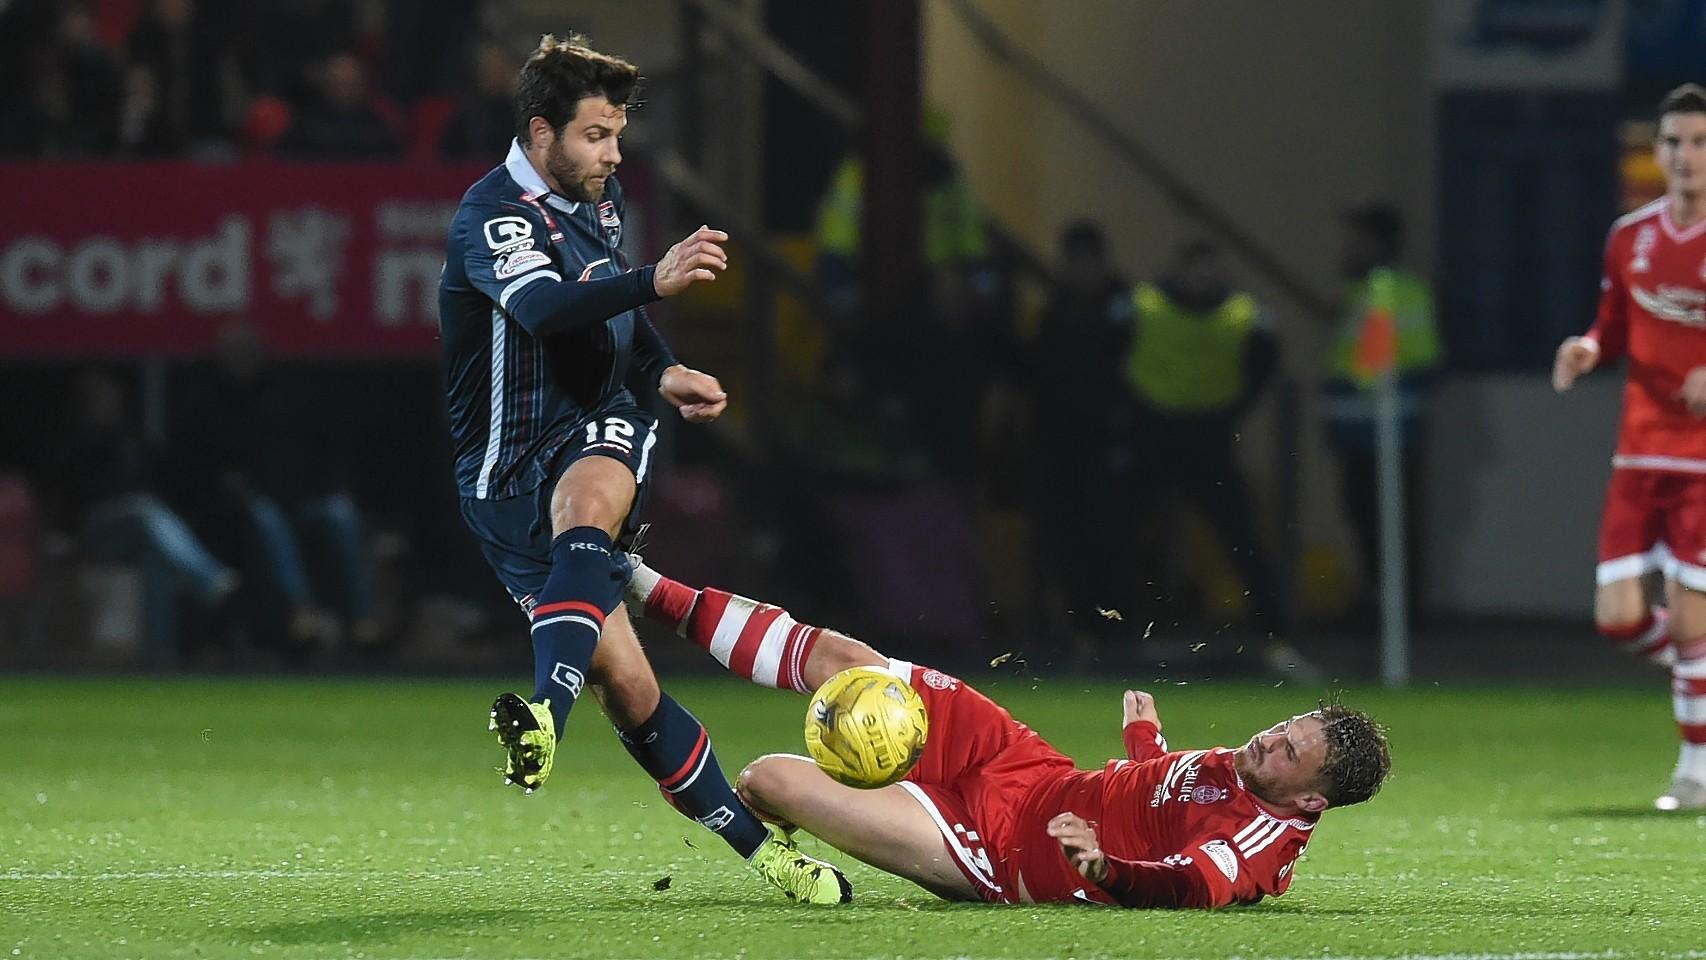 Ross County 2-0 Aberdeen